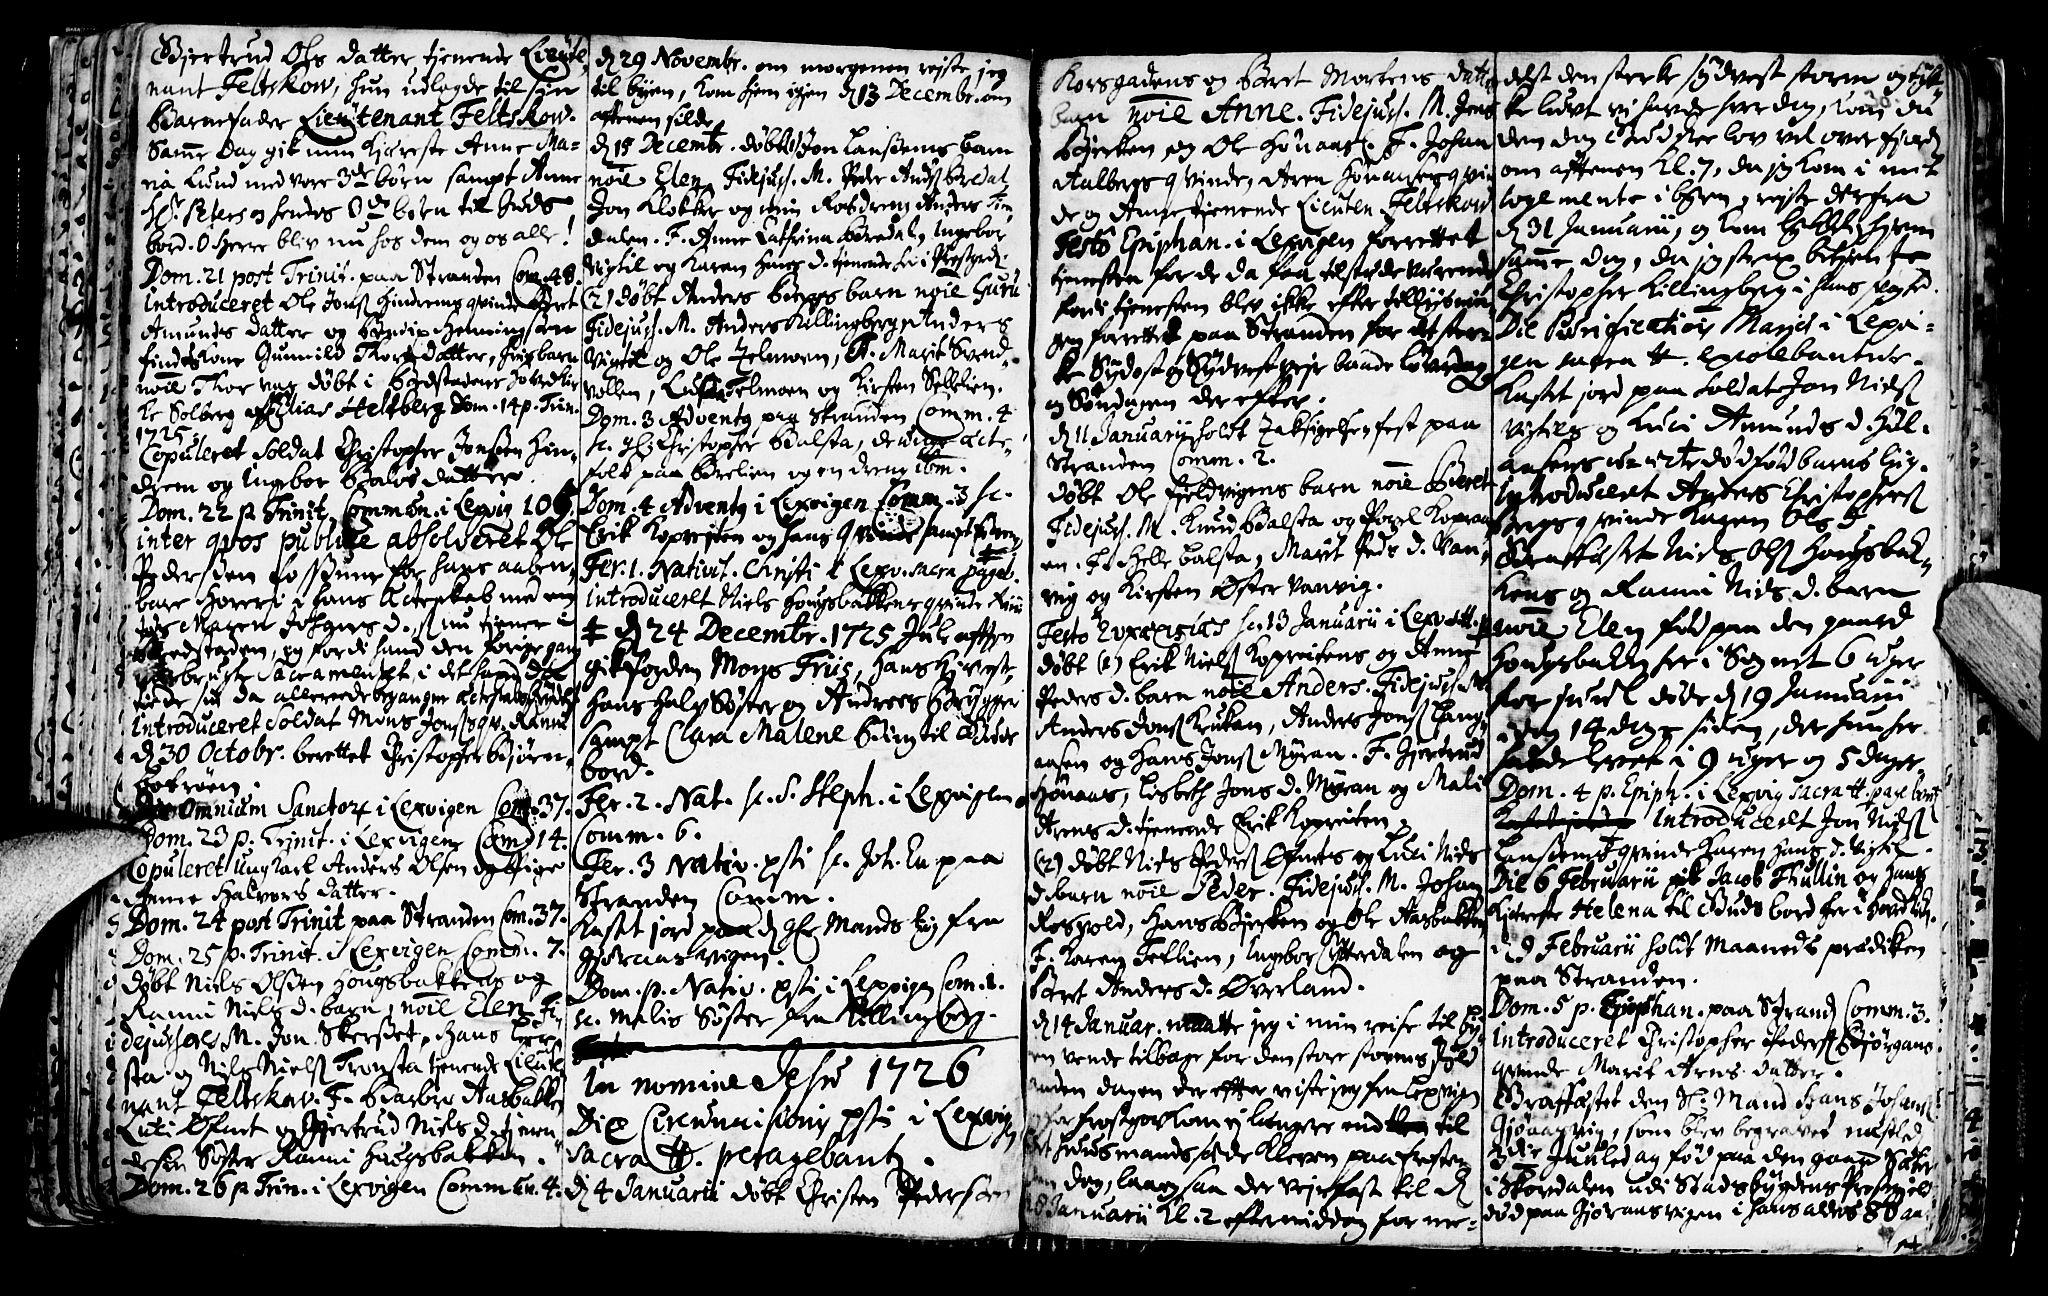 SAT, Ministerialprotokoller, klokkerbøker og fødselsregistre - Nord-Trøndelag, 701/L0001: Ministerialbok nr. 701A01, 1717-1731, s. 30